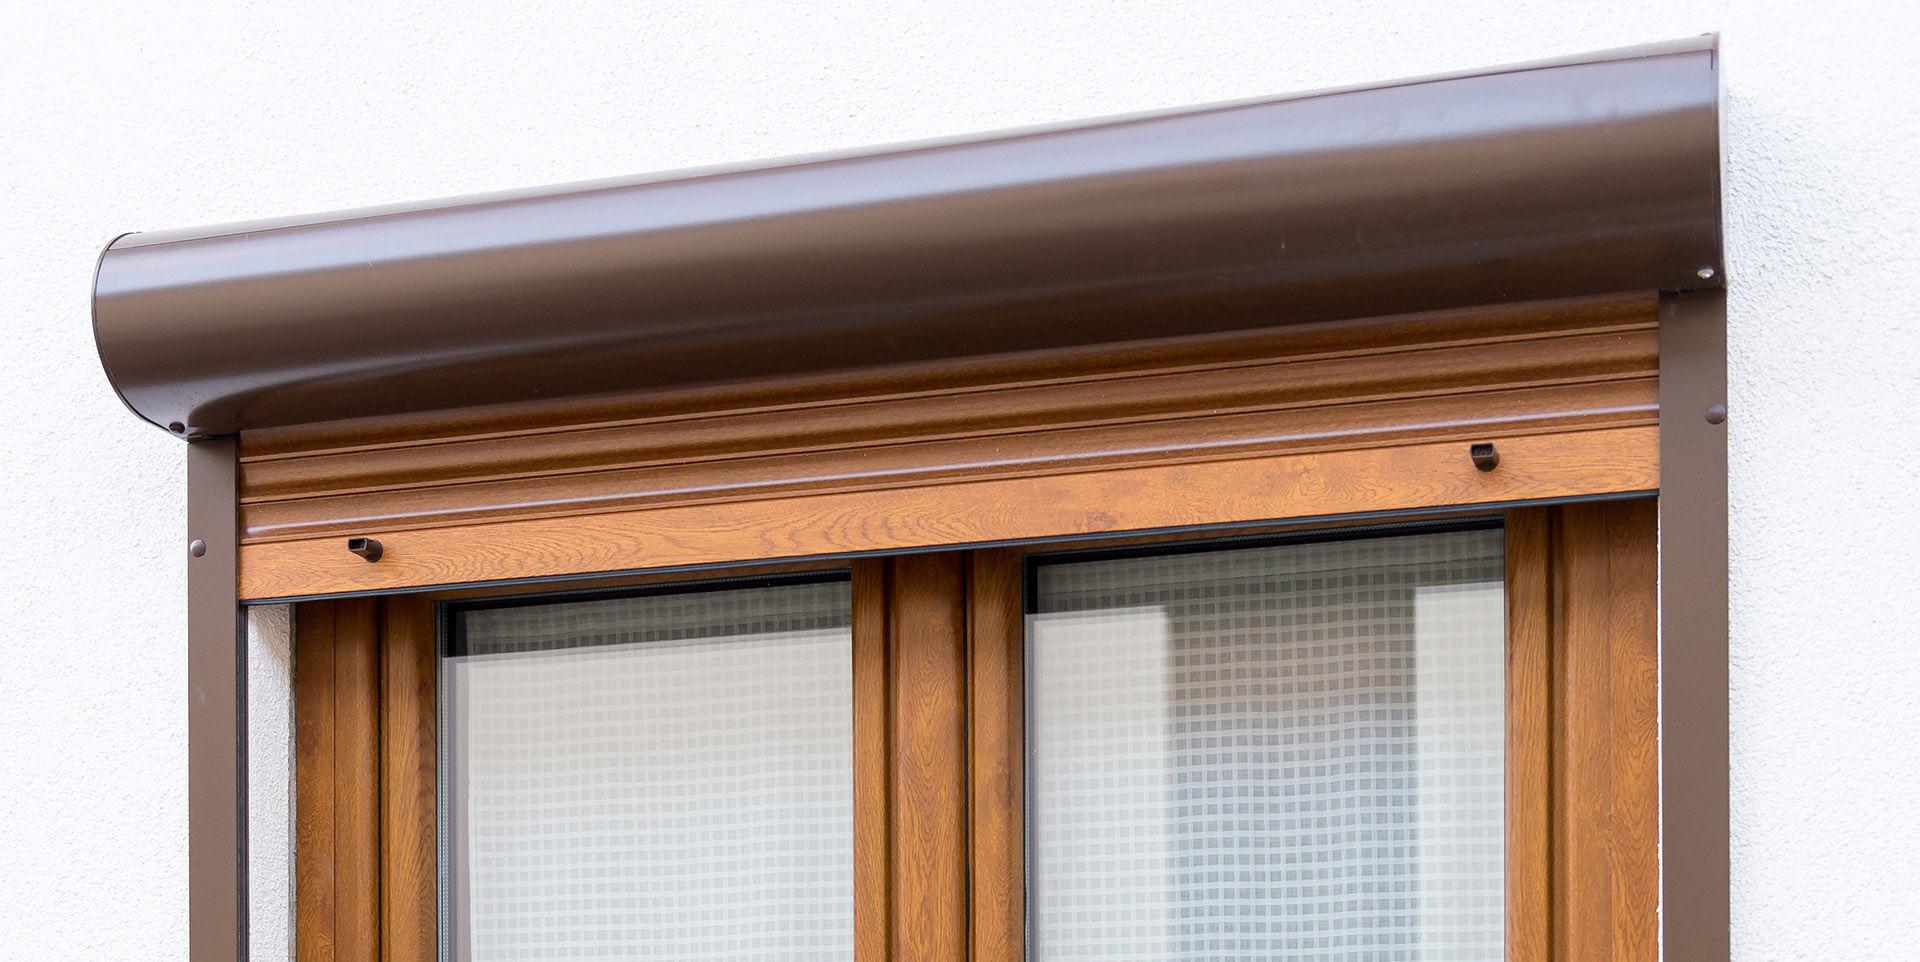 Full Size of Fenster Drutex Velux Rollo Dänische Sichtschutzfolie Einseitig Durchsichtig Rehau Mit Rolladen Neue Kosten Teleskopstange Einbruchschutz Folie Weru Preise Fenster Fenster Drutex